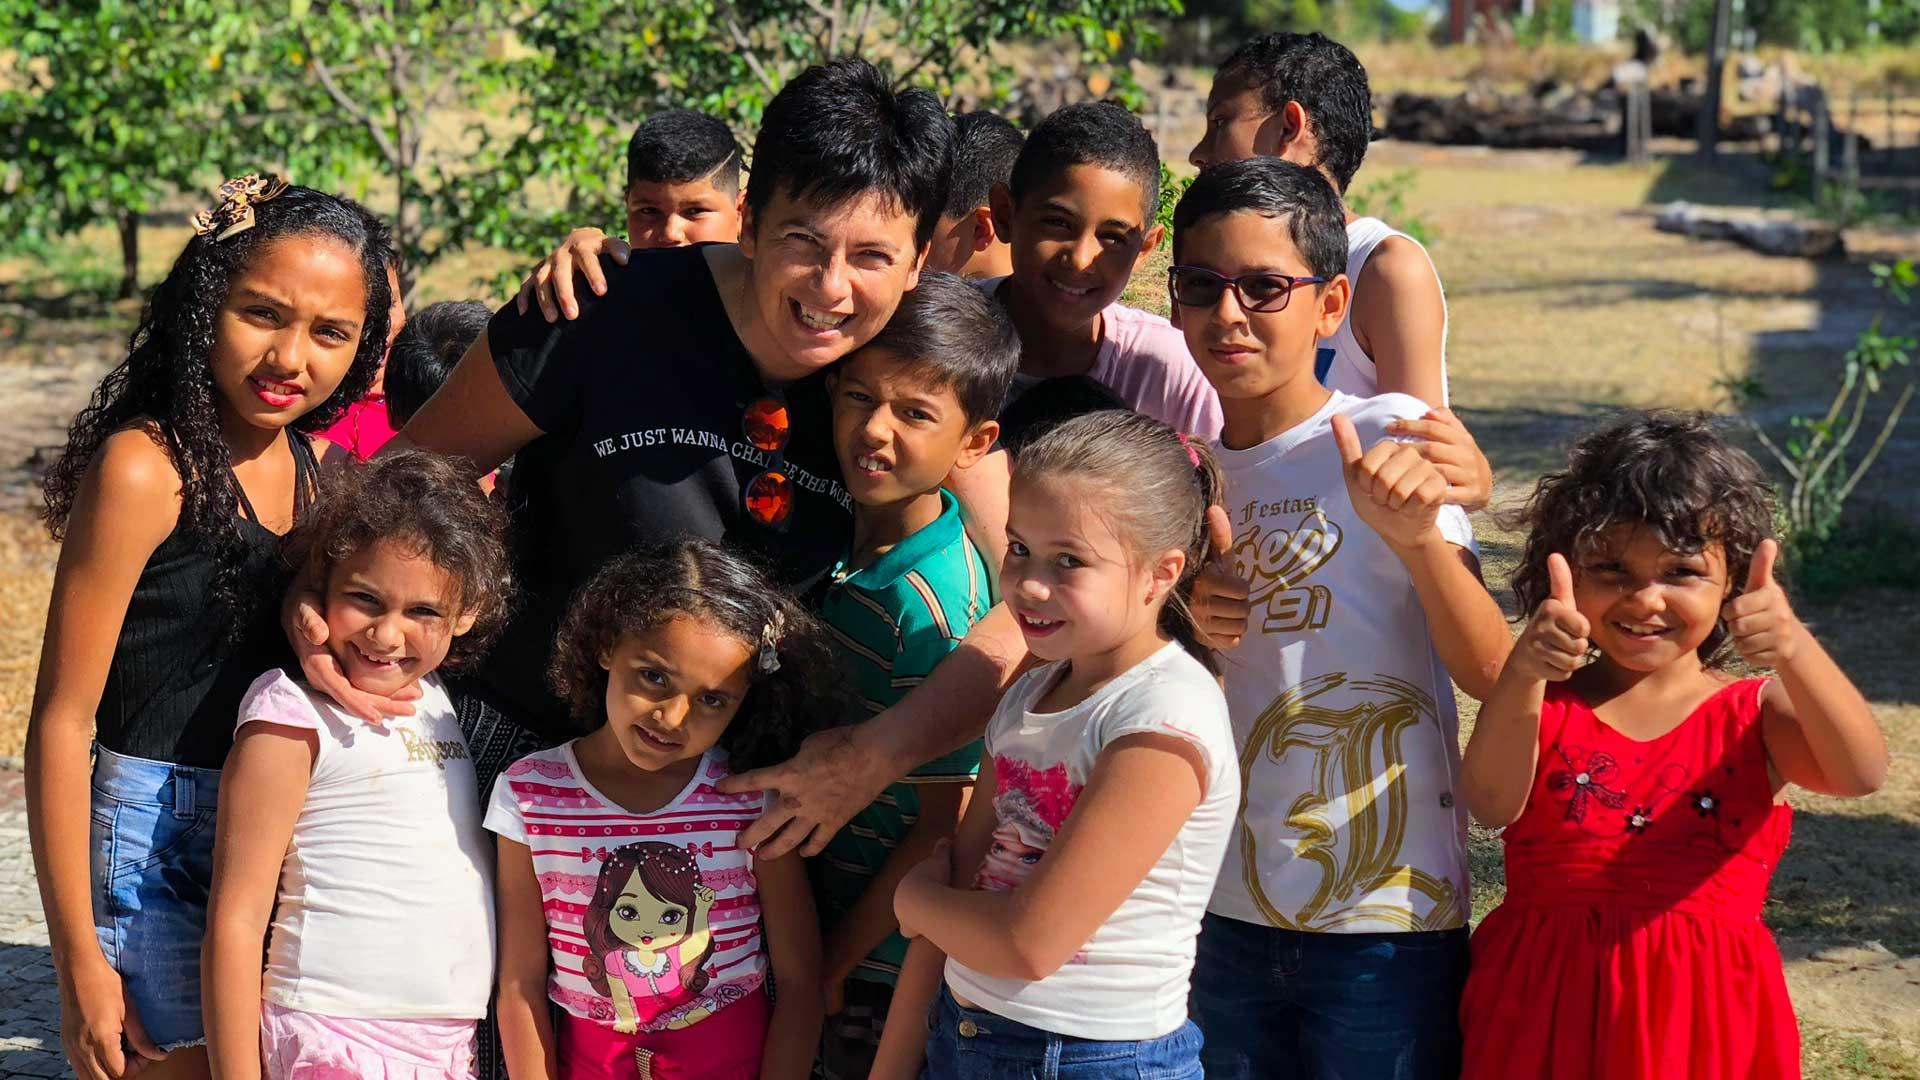 Chiara Amirante, Brasile - Nuovi Orizzonti